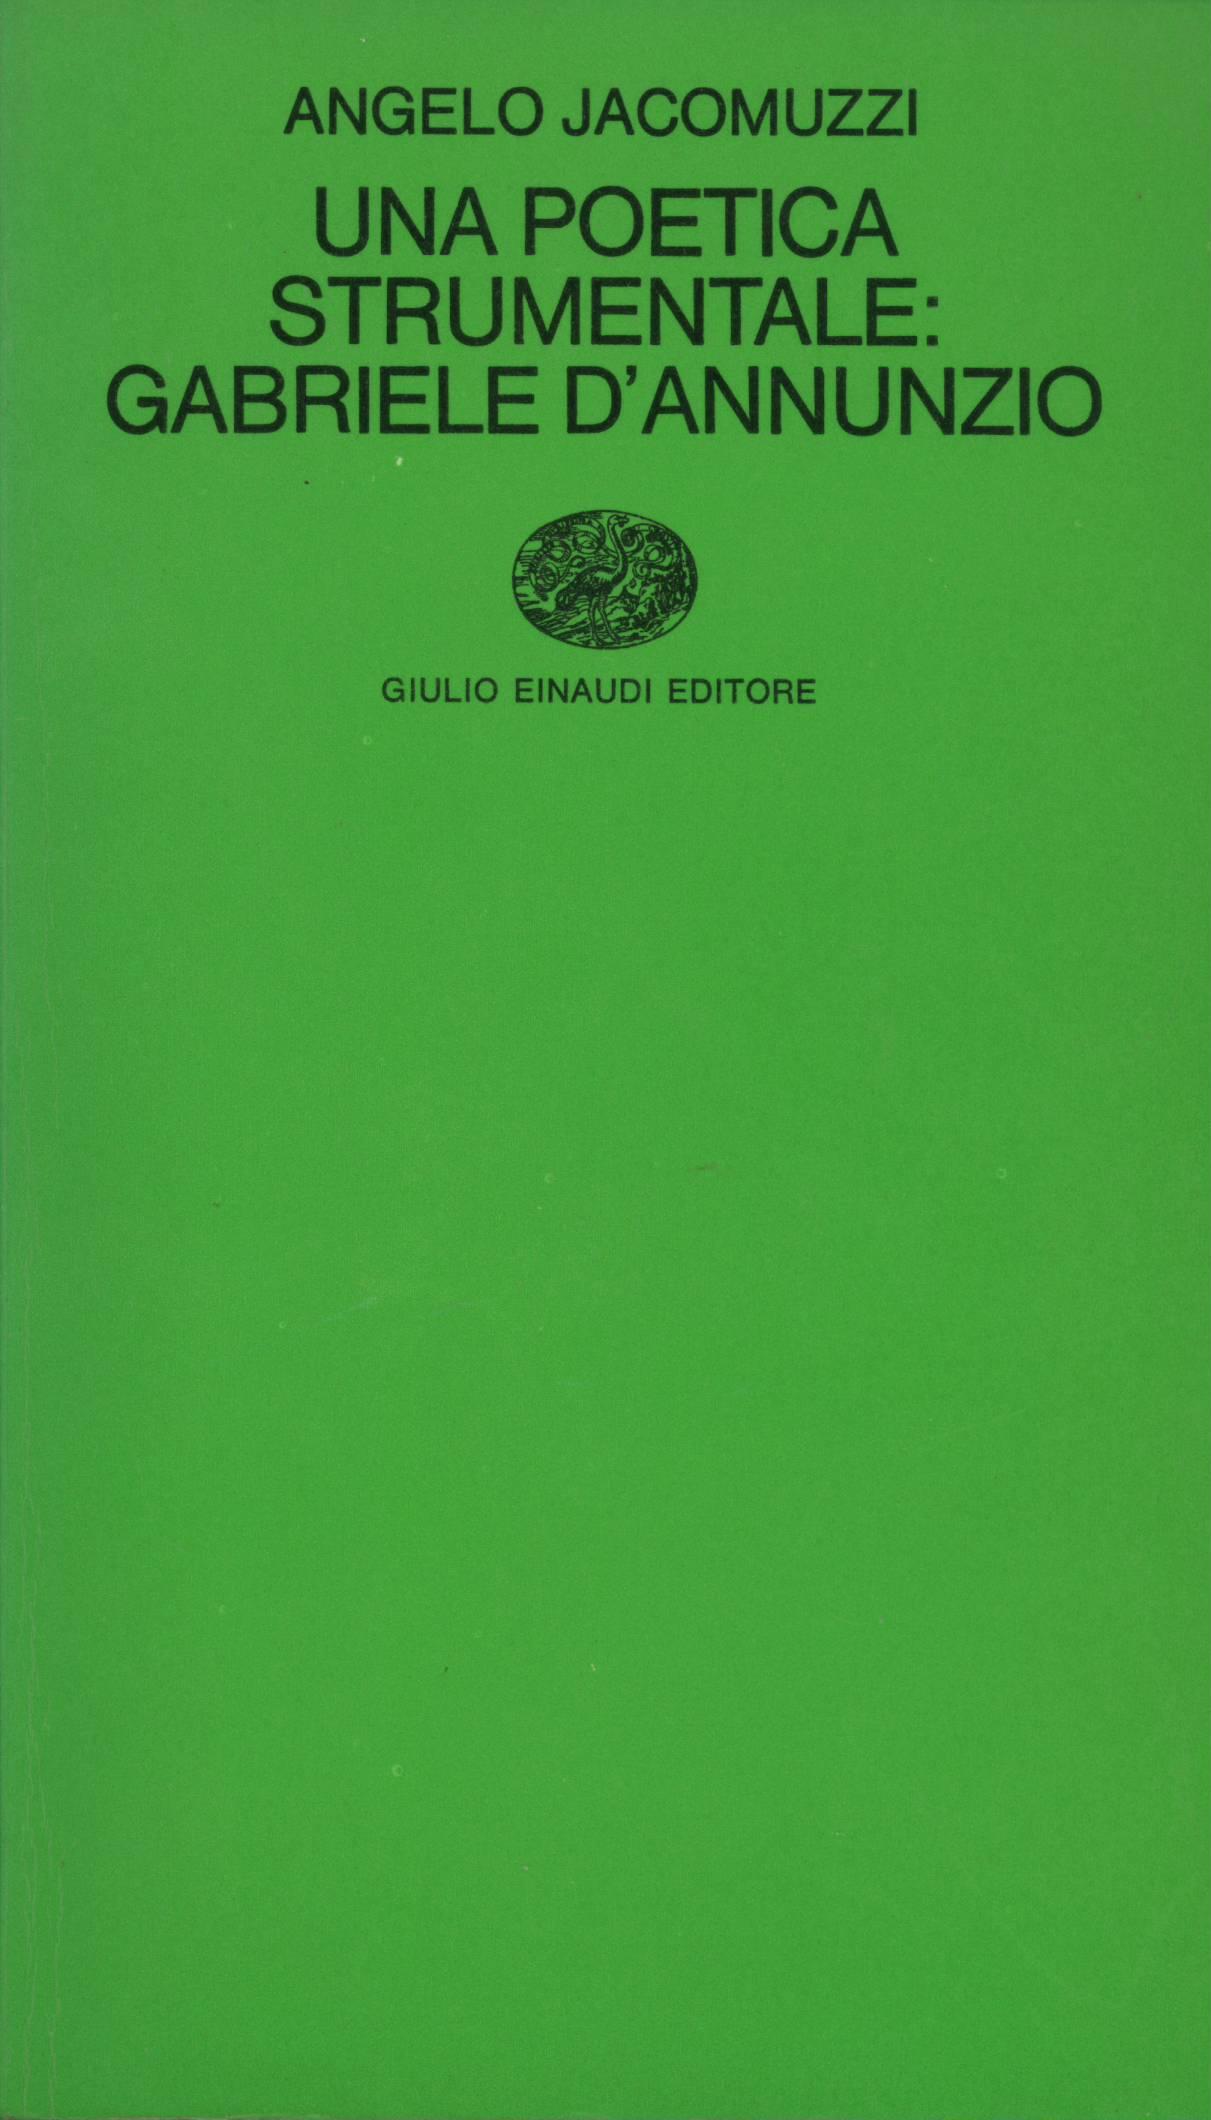 Una poetica strumentale: Gabriele d'Annunzio